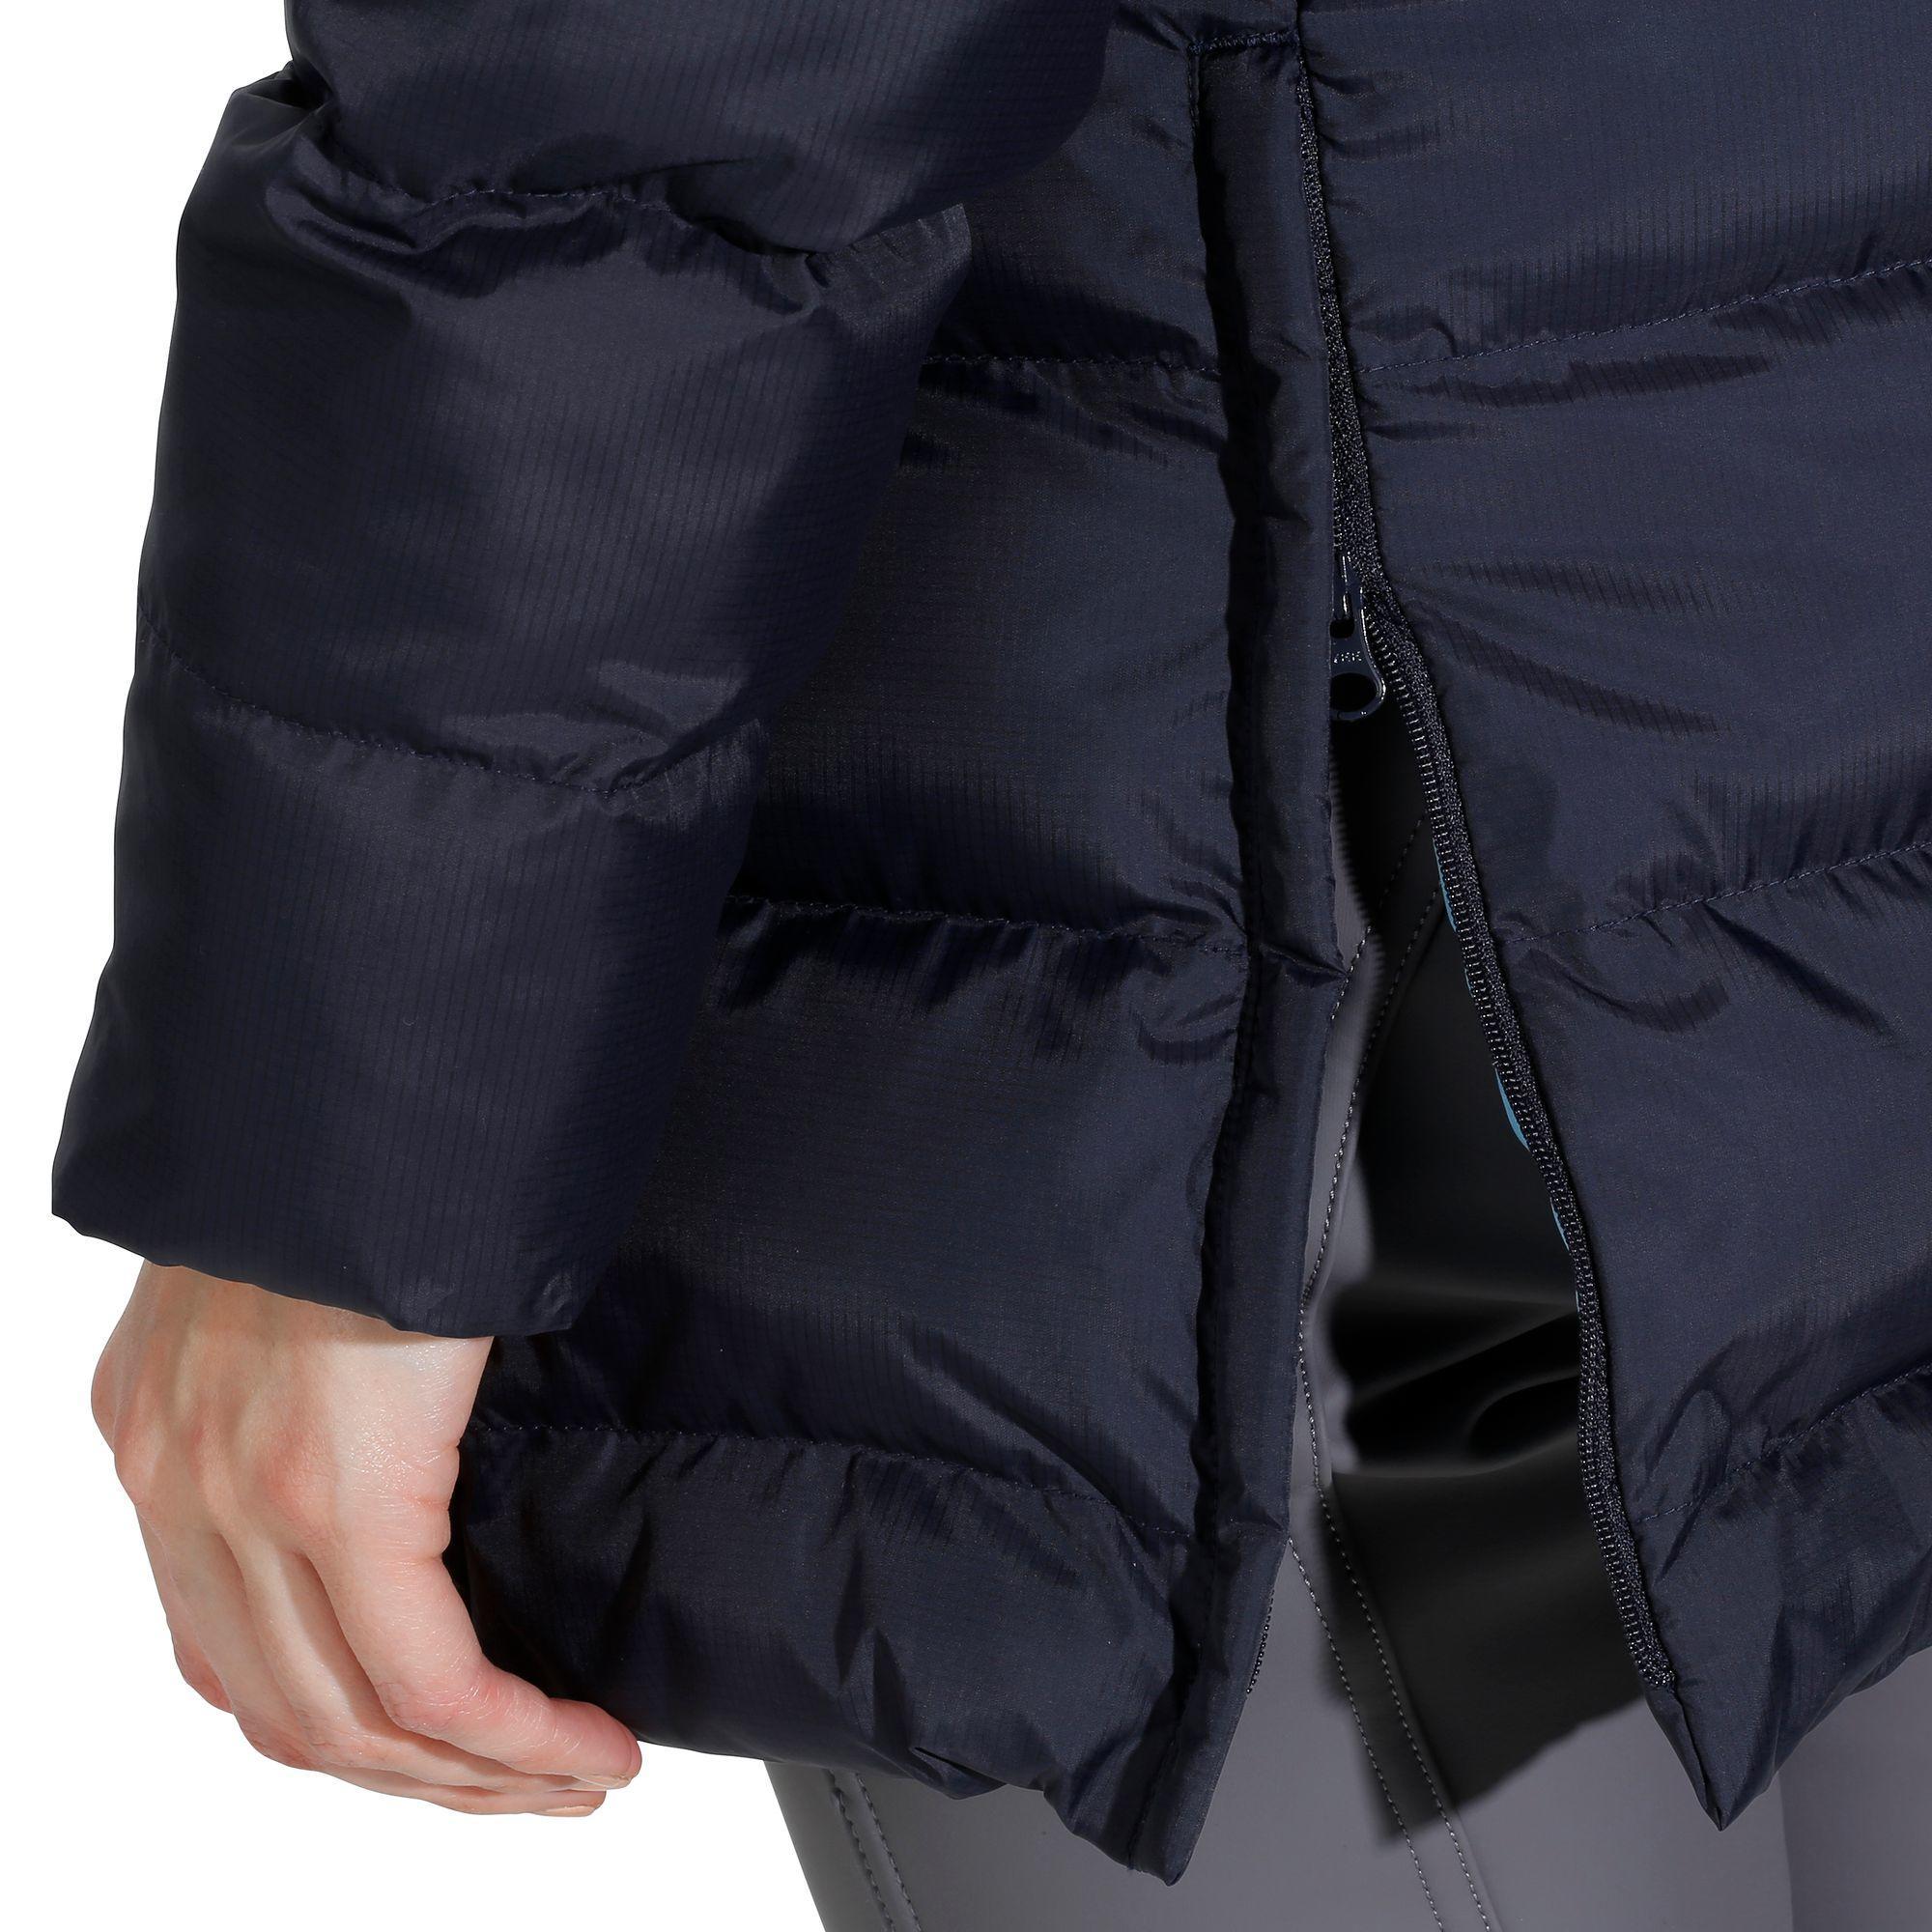 Veste chaude doudoune équitation femme PADDOCK marine